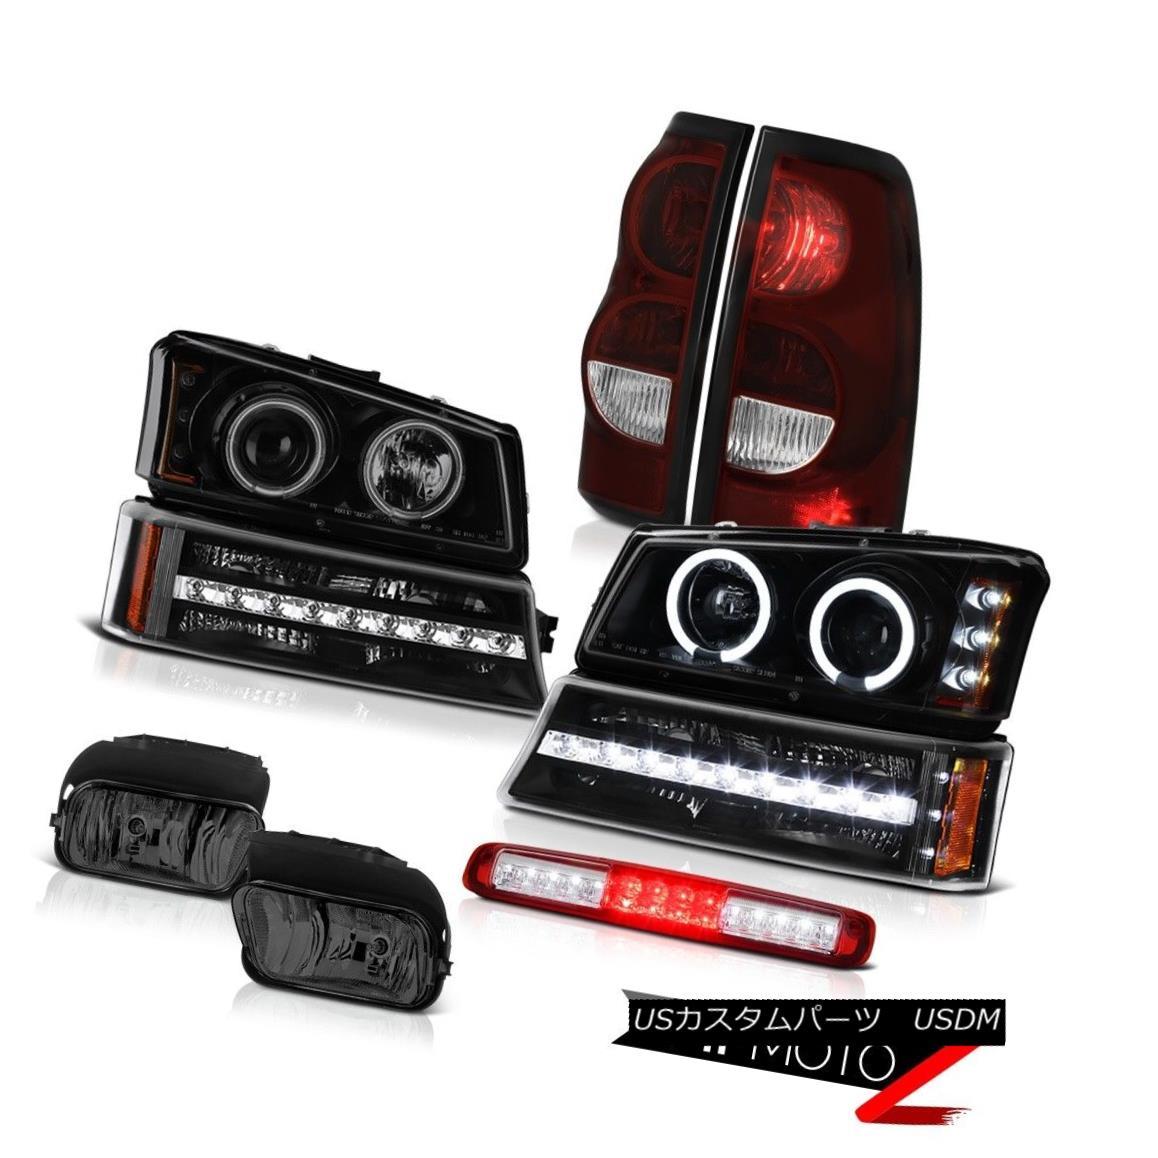 テールライト 03-06 Silverado Bloody Red 3RD Brake Light Fog Lamps Tail Signal Lamp Headlights 03-06 Silverado Bloody Red 3RDブレーキライトフォグランプテールシグナルランプヘッドライト